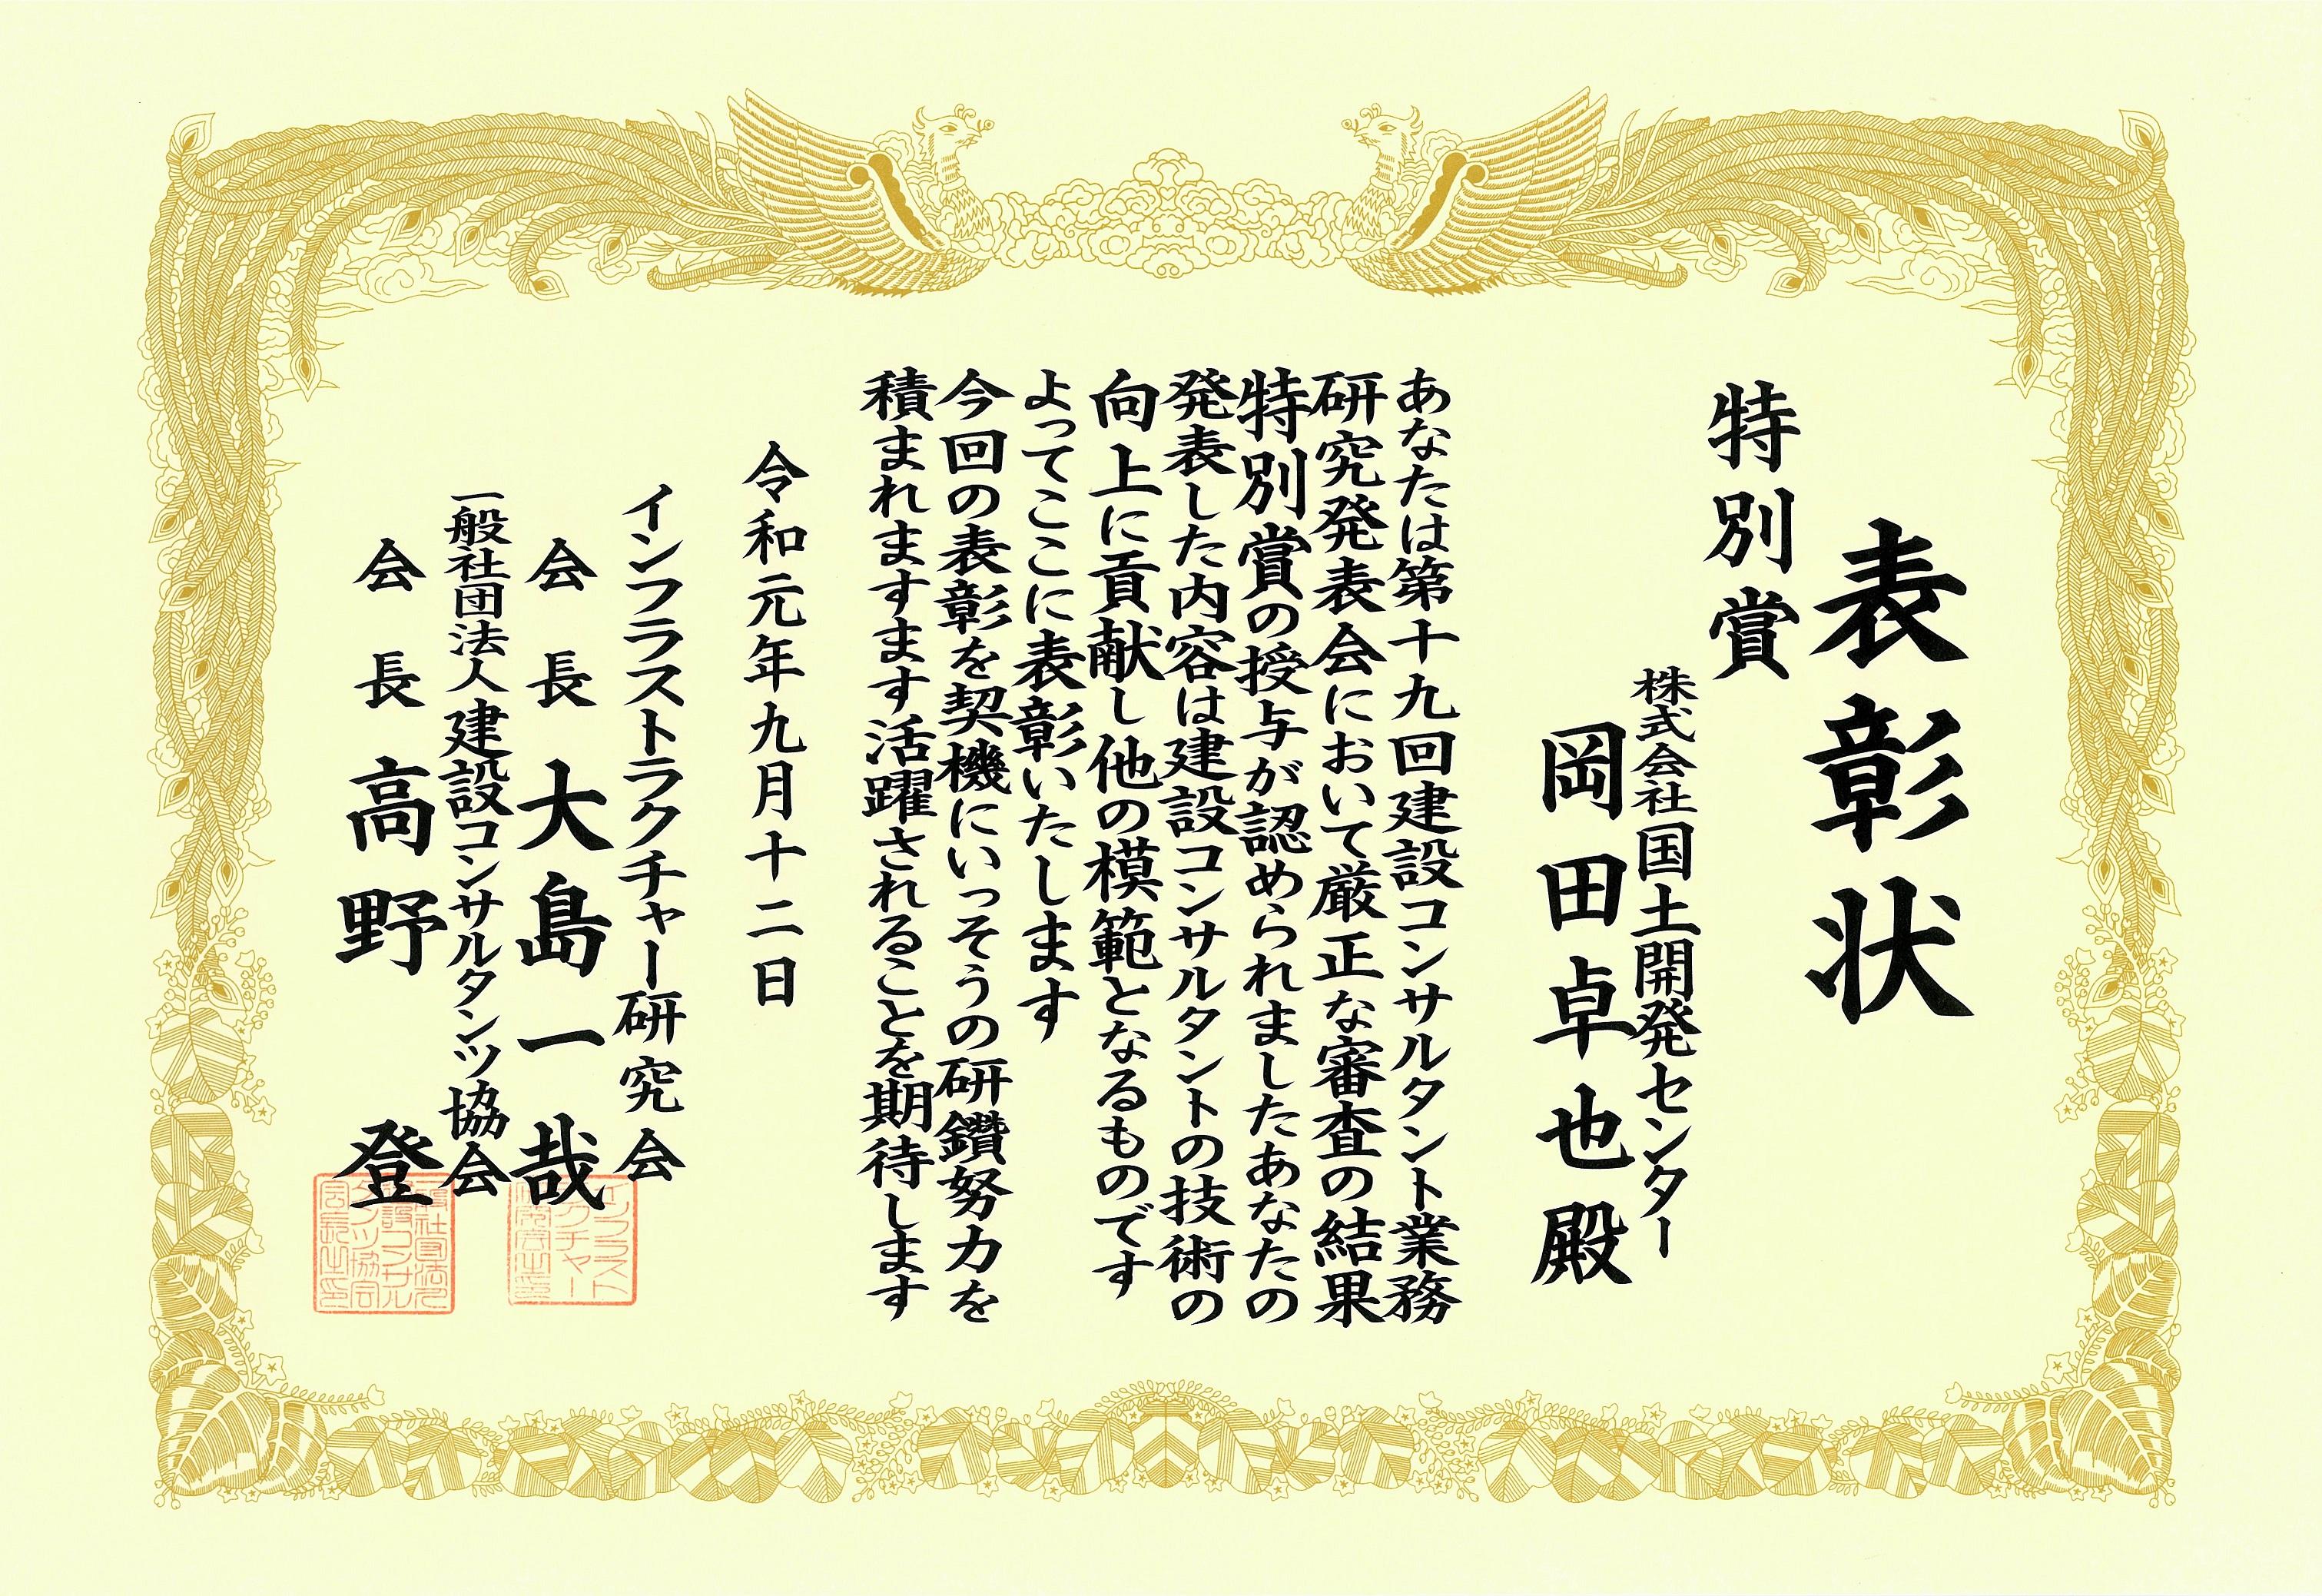 令和元年度 建設コンサルタント業務研究発表会(第19回) 特別賞を受賞しました。